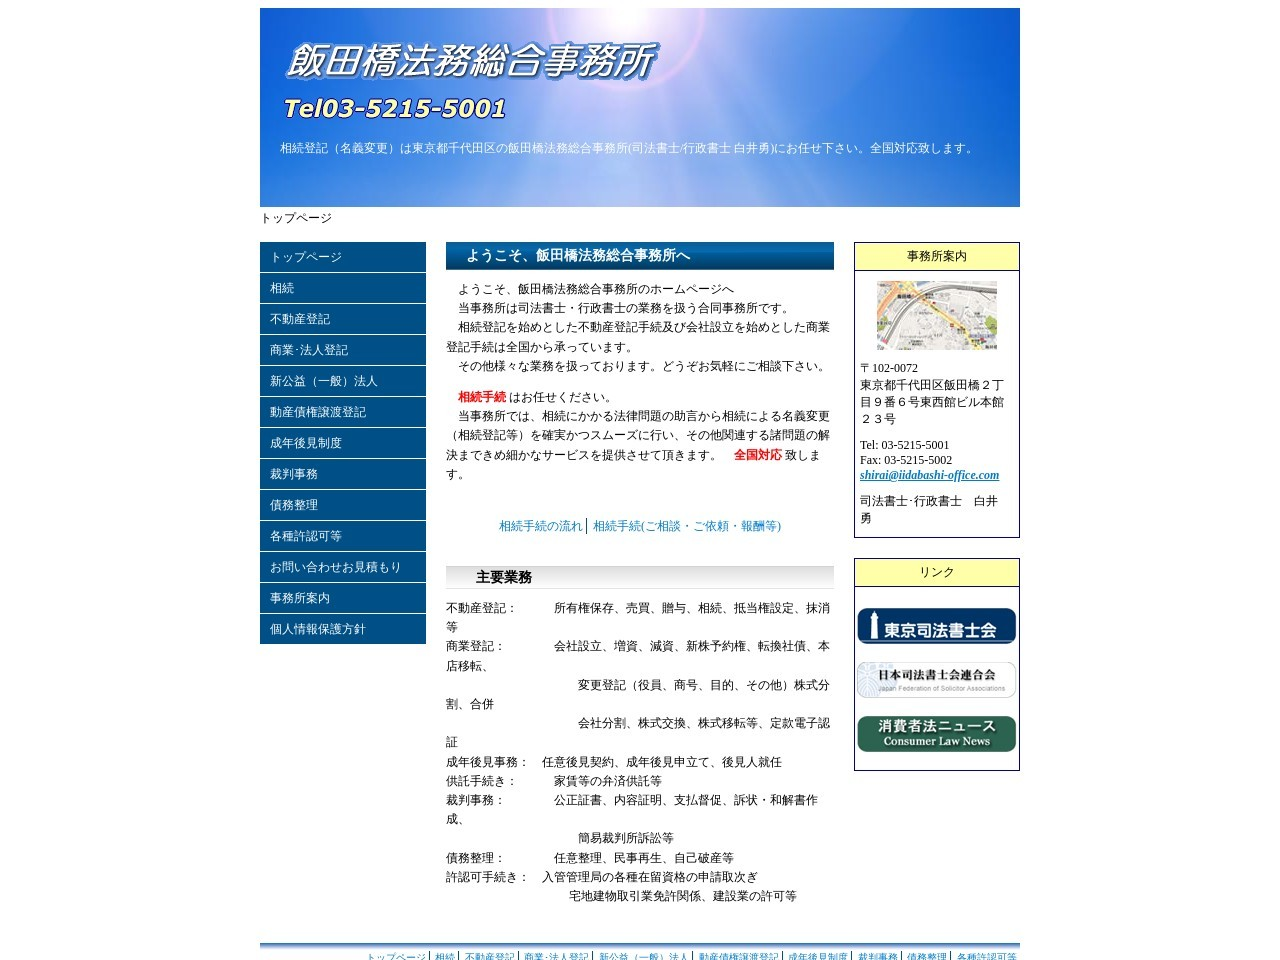 飯田橋法務総合事務所